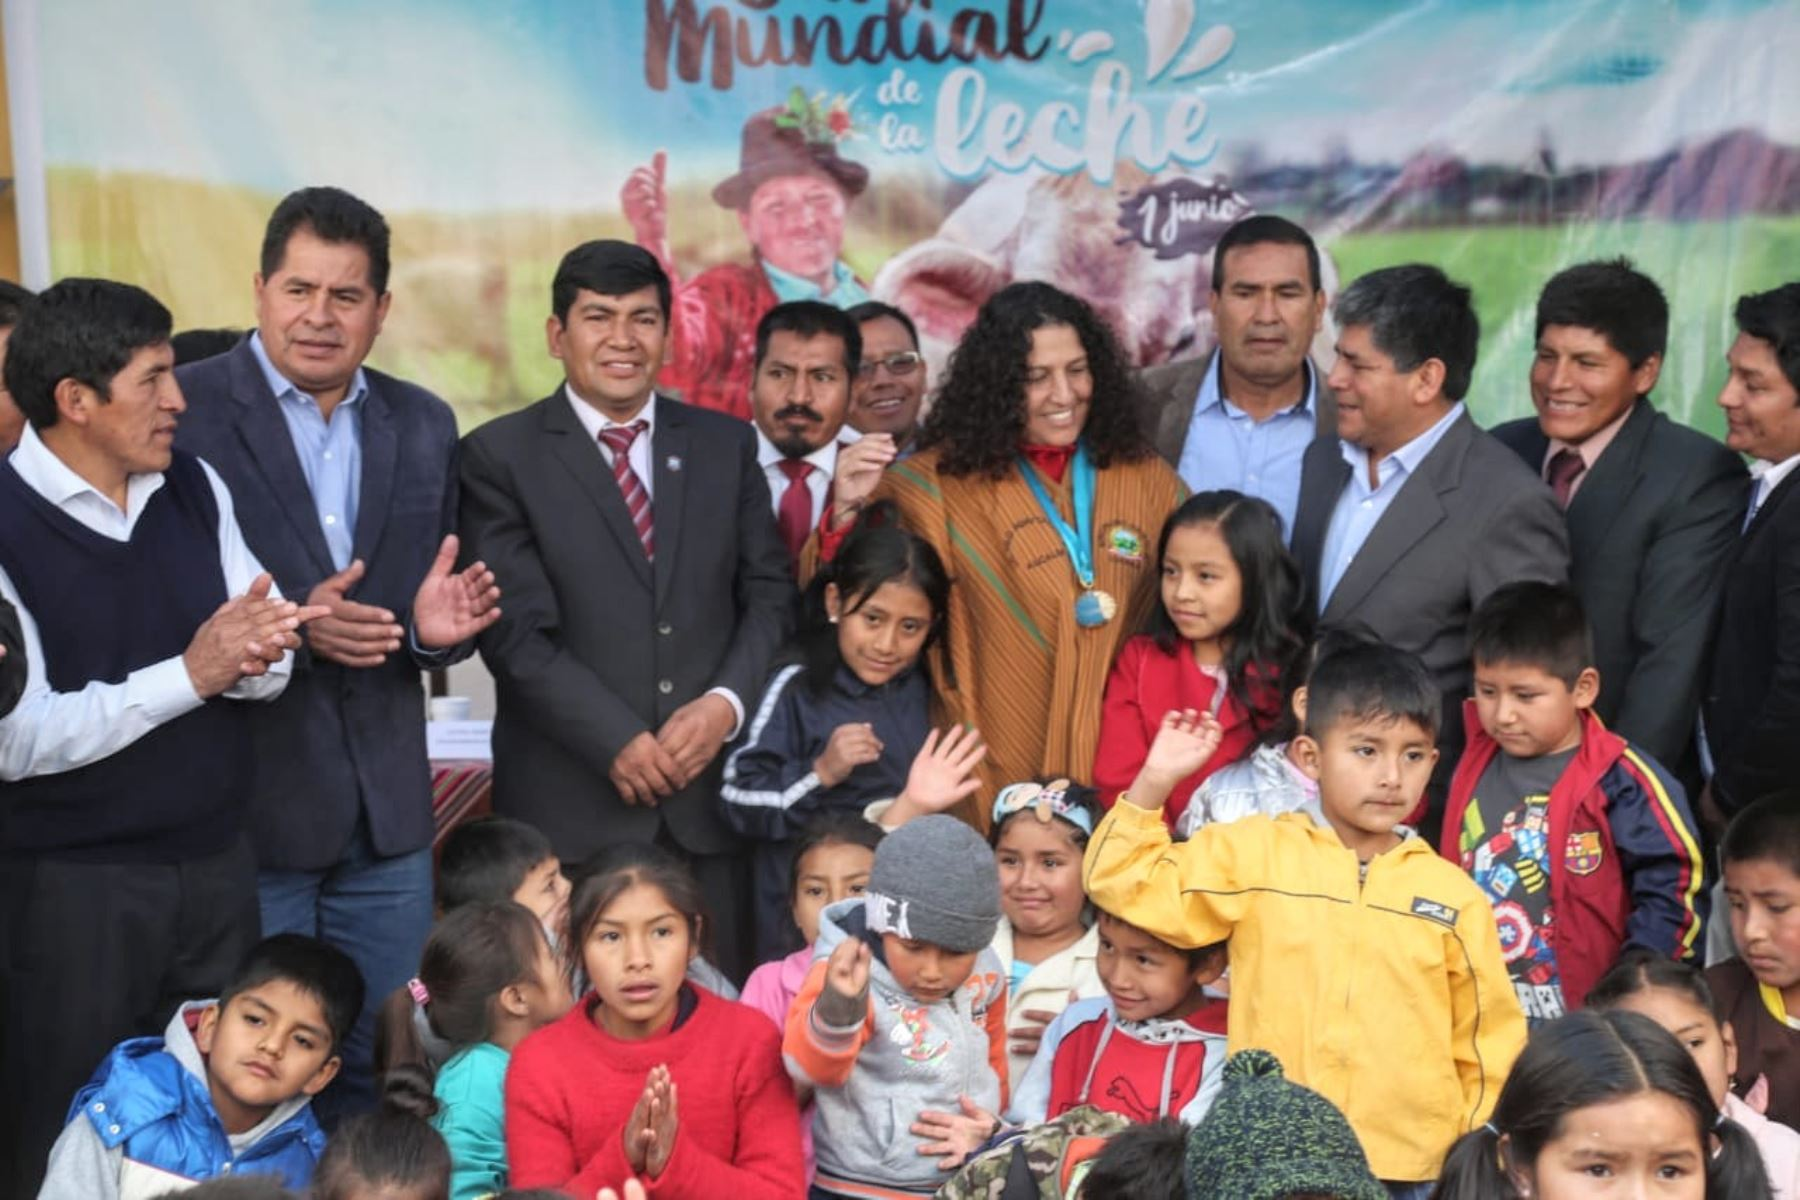 Las cuencas lecheras más productoras son Cajamarca (17.76%), Arequipa (17.61%) y Lima (17.52%)